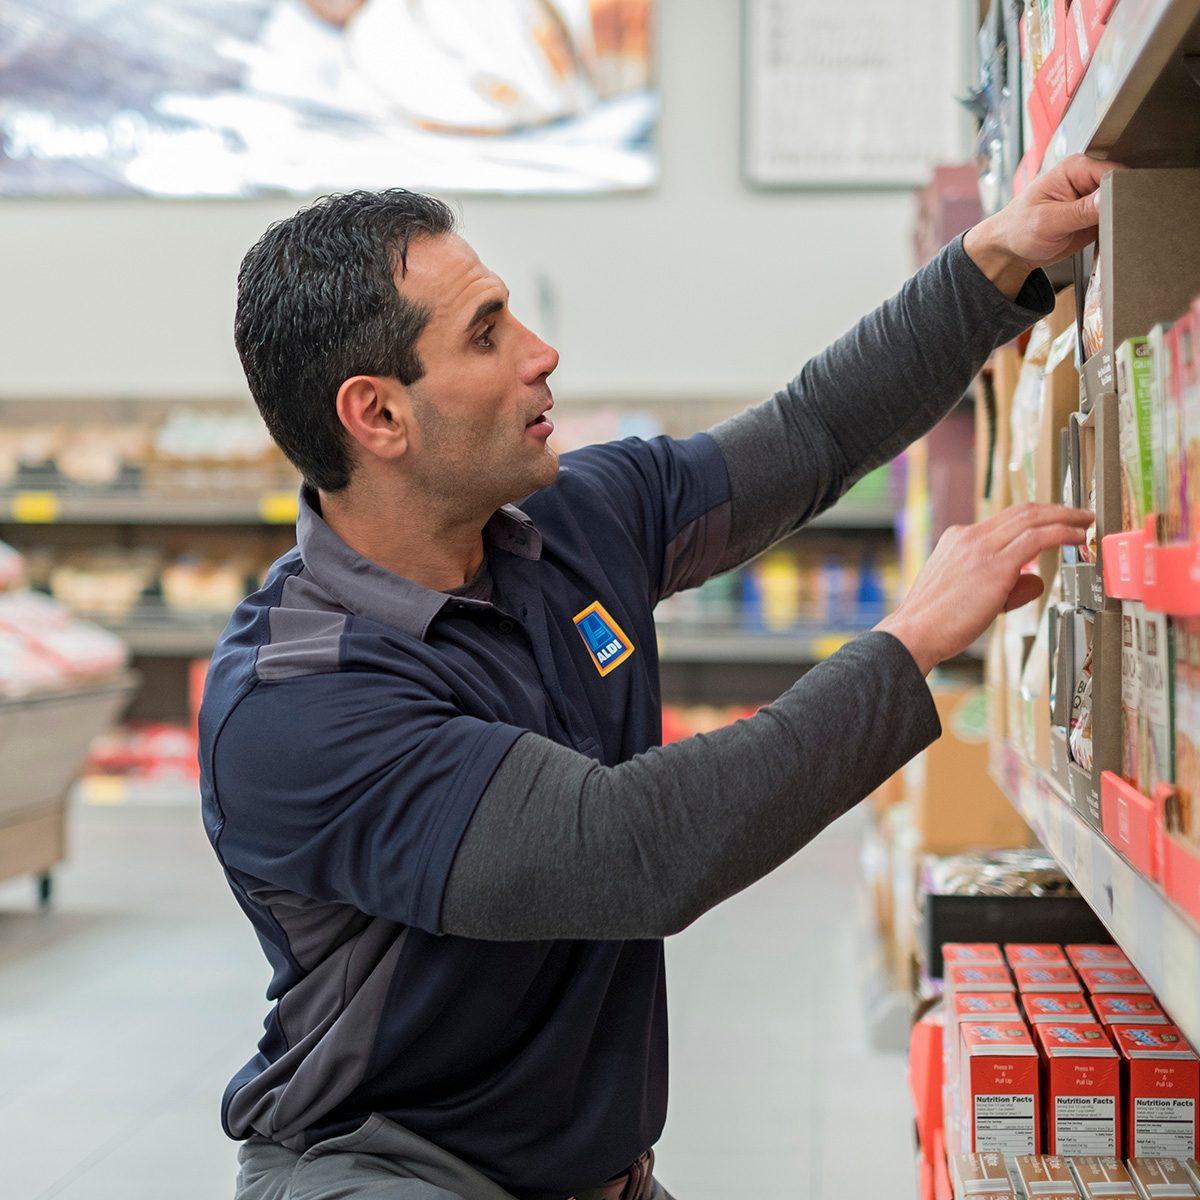 Aldi employee stocking shelf